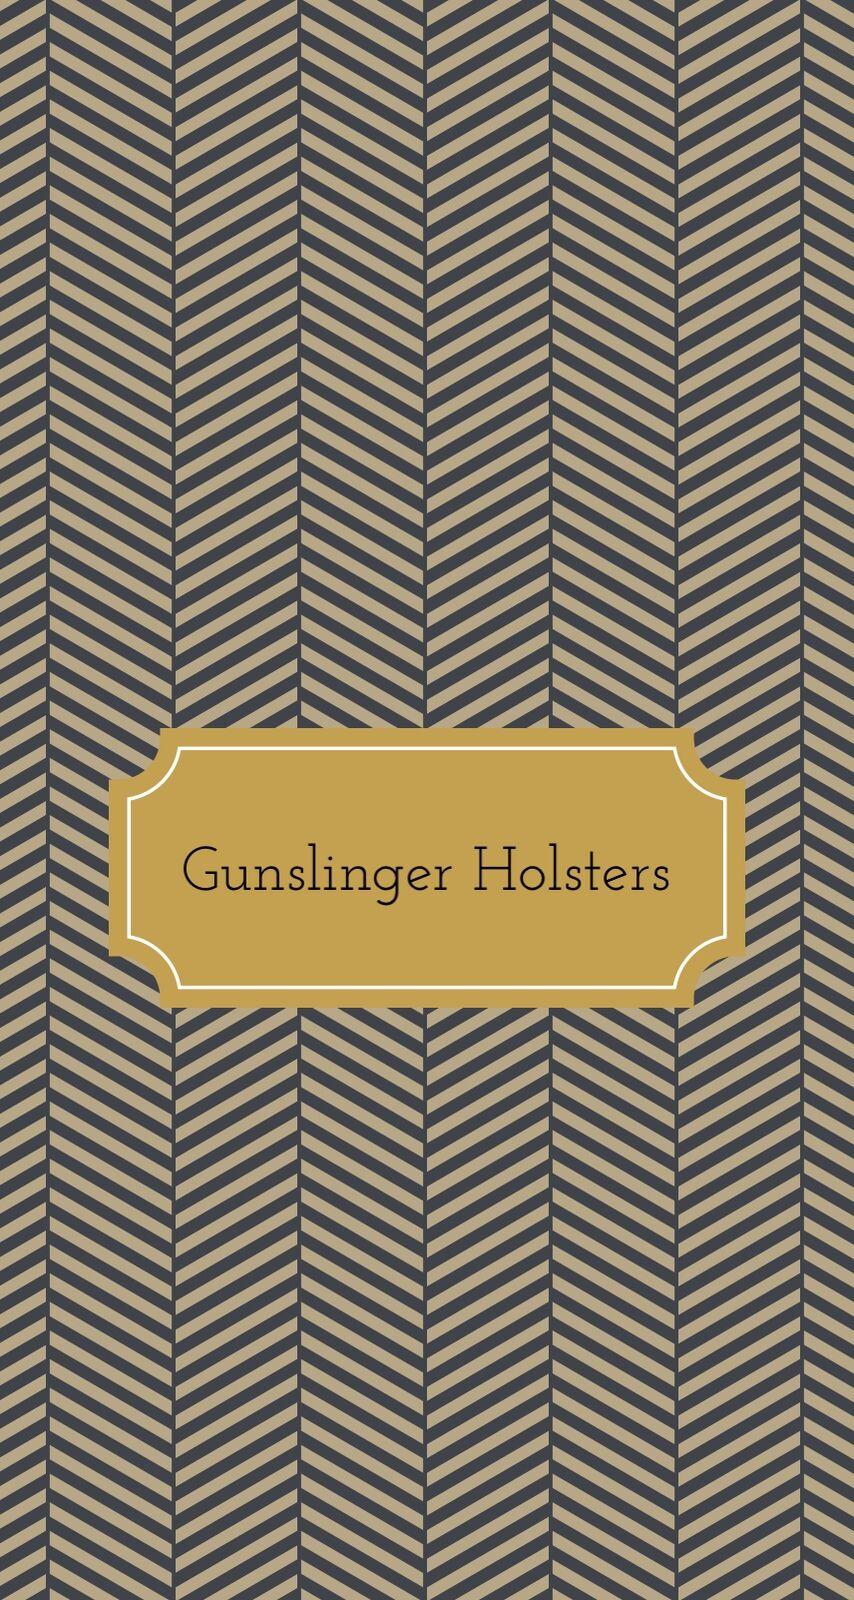 Gunslinger Gun Holsters